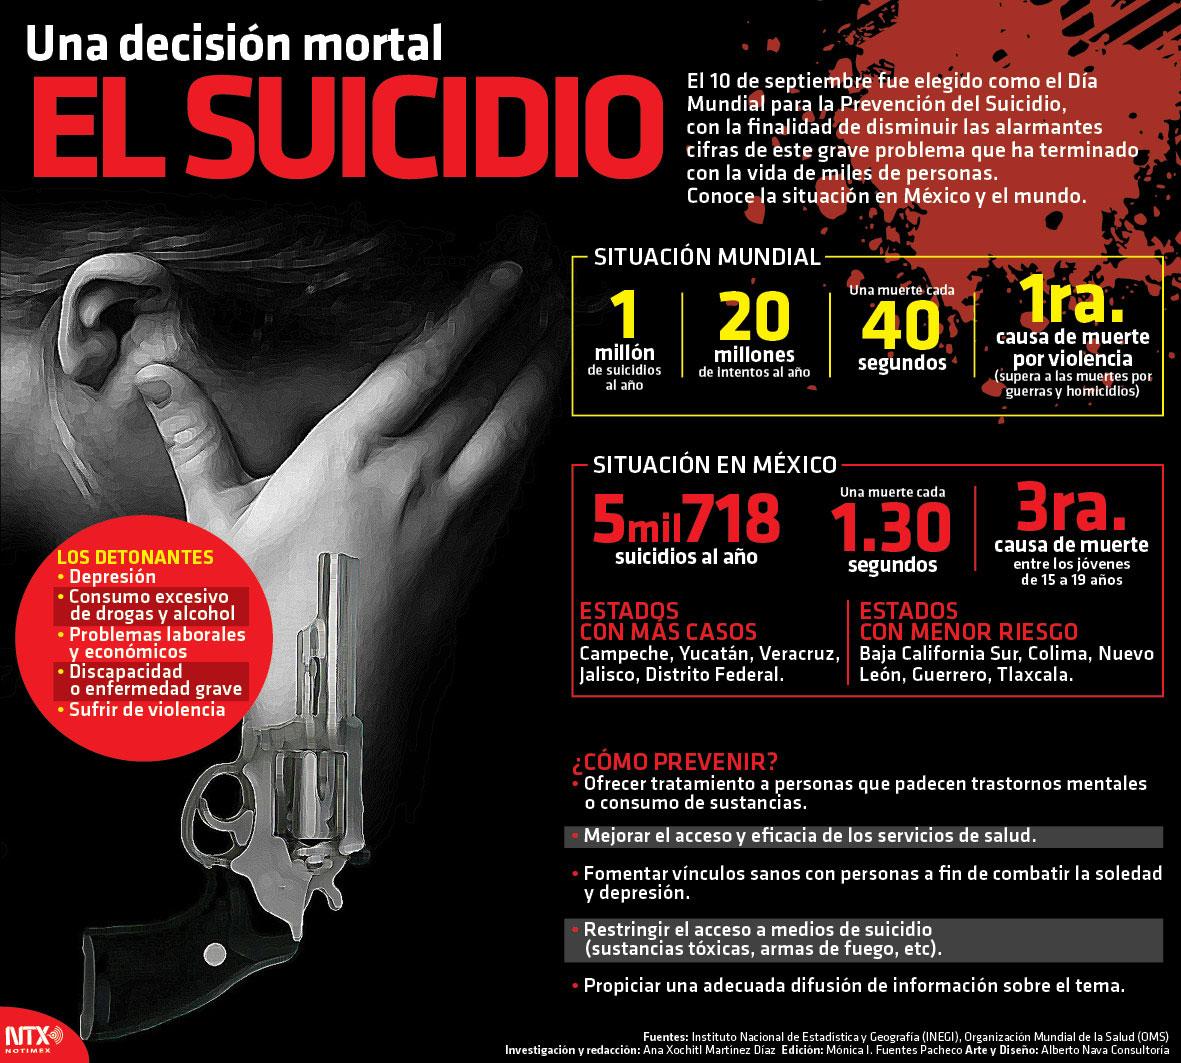 México es cuarto lugar en número de suicidios en América Latina